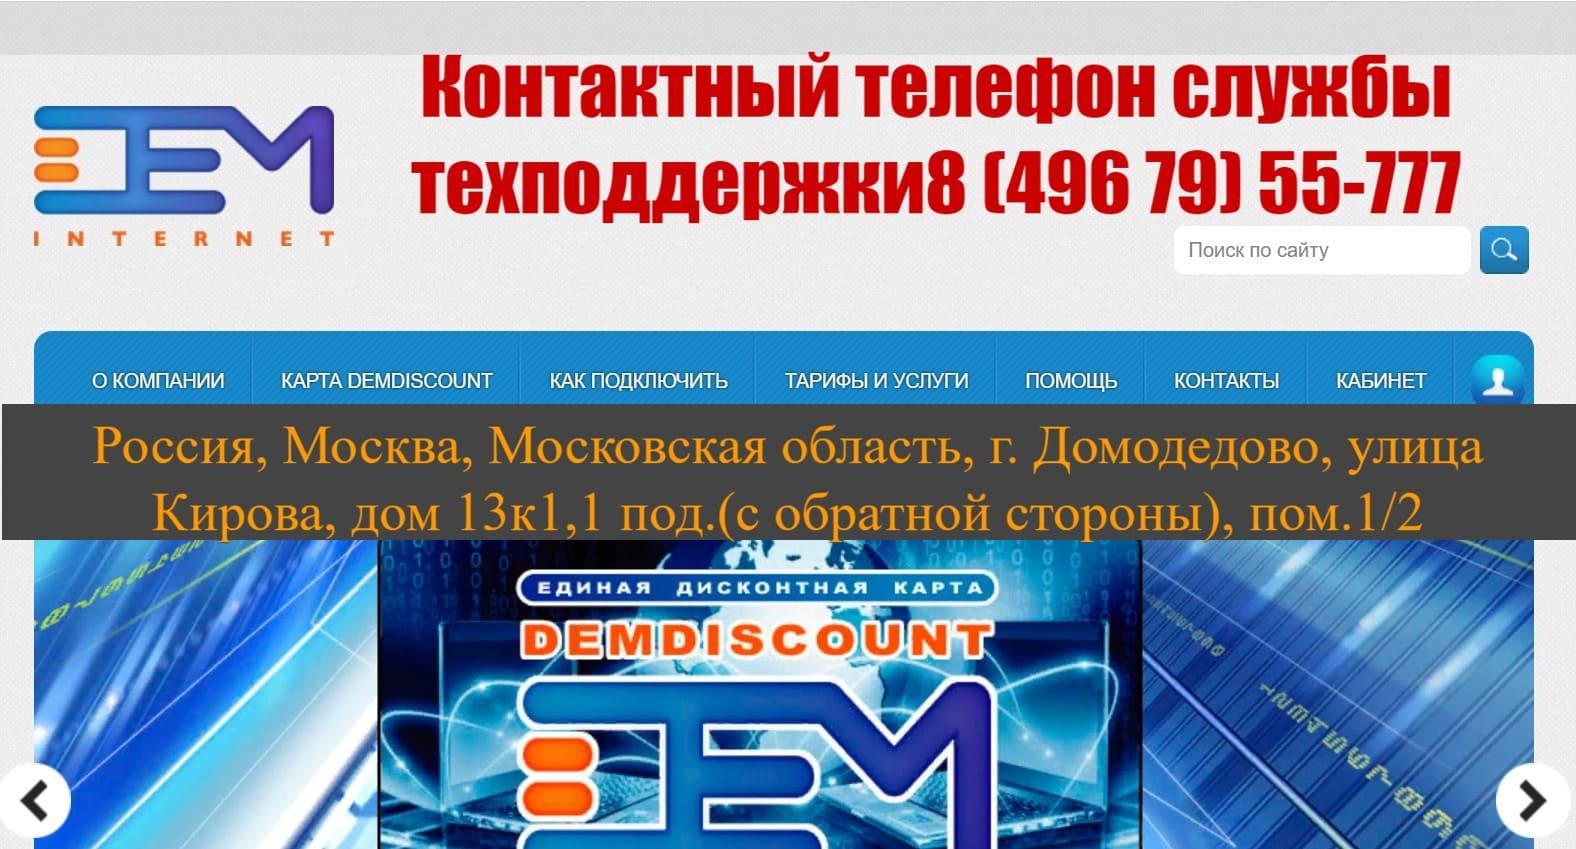 ДЭМ Домодедово личный кабинет